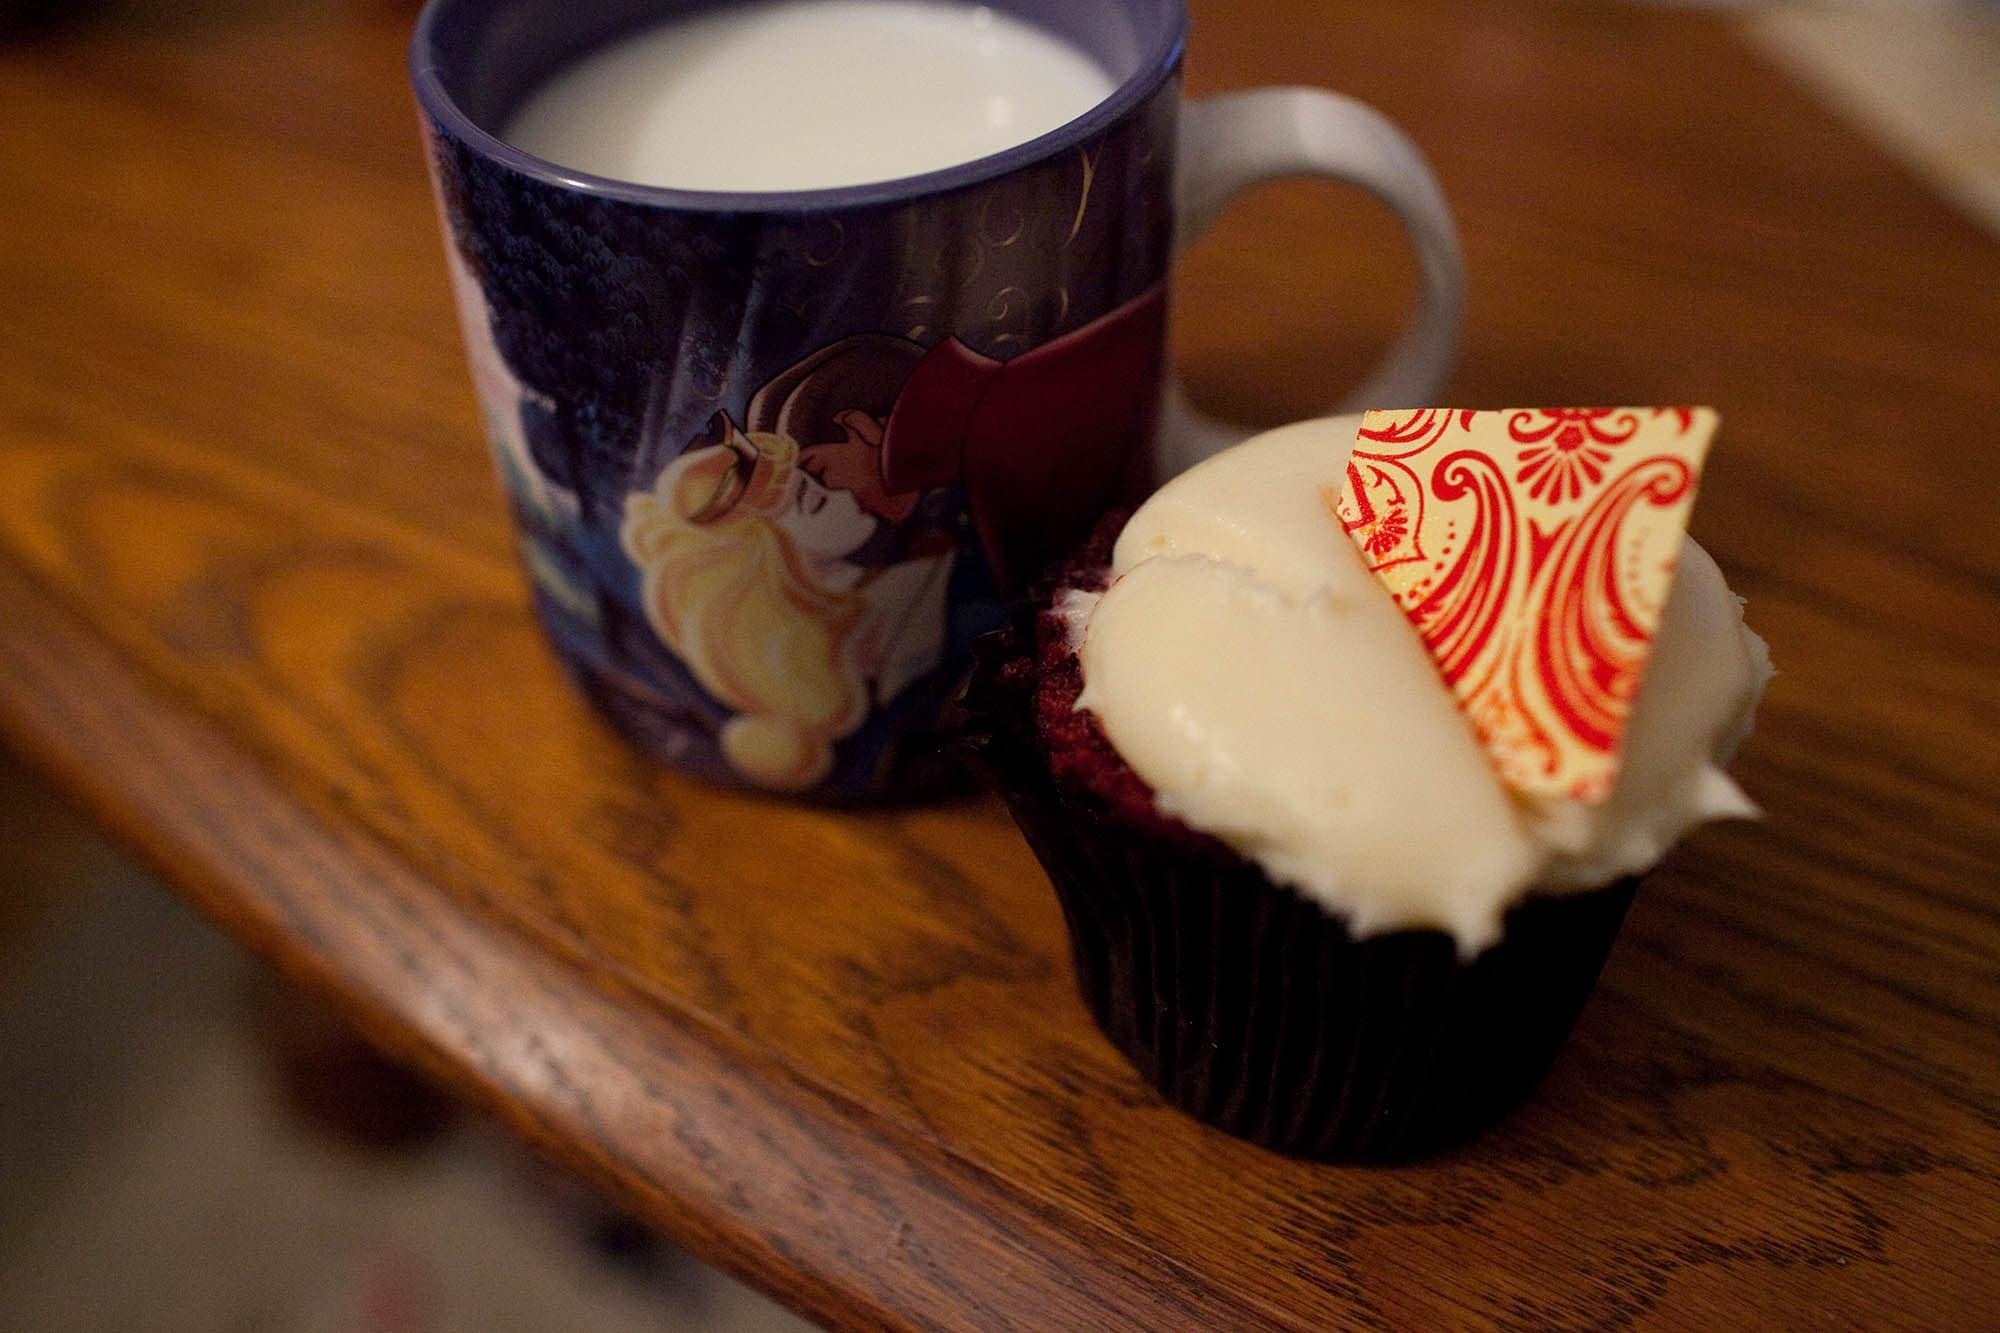 More red velvet cupcake